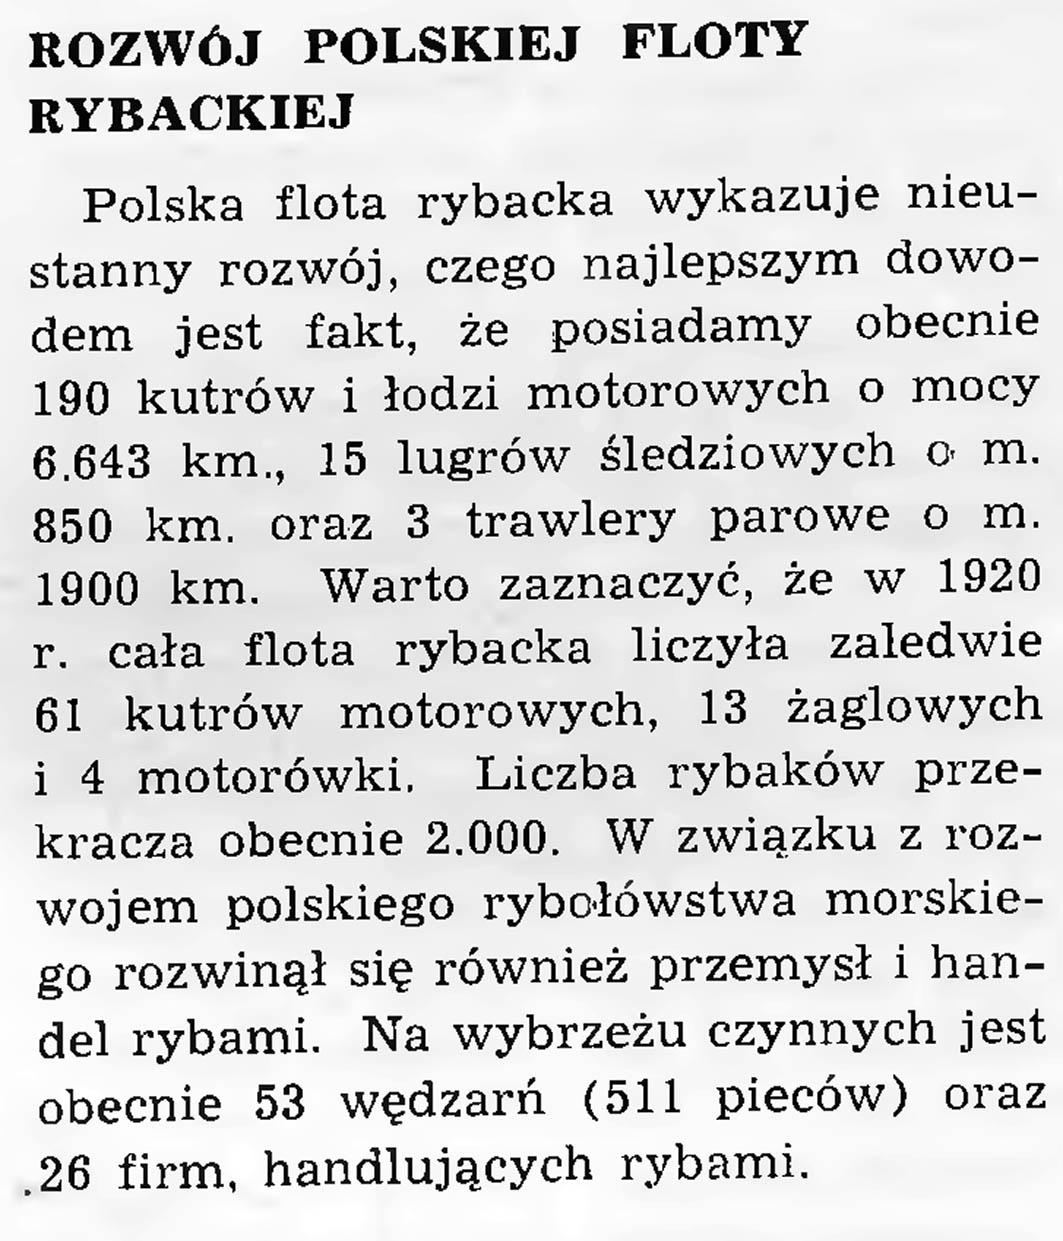 Rozwój polskiej floty rybackiej